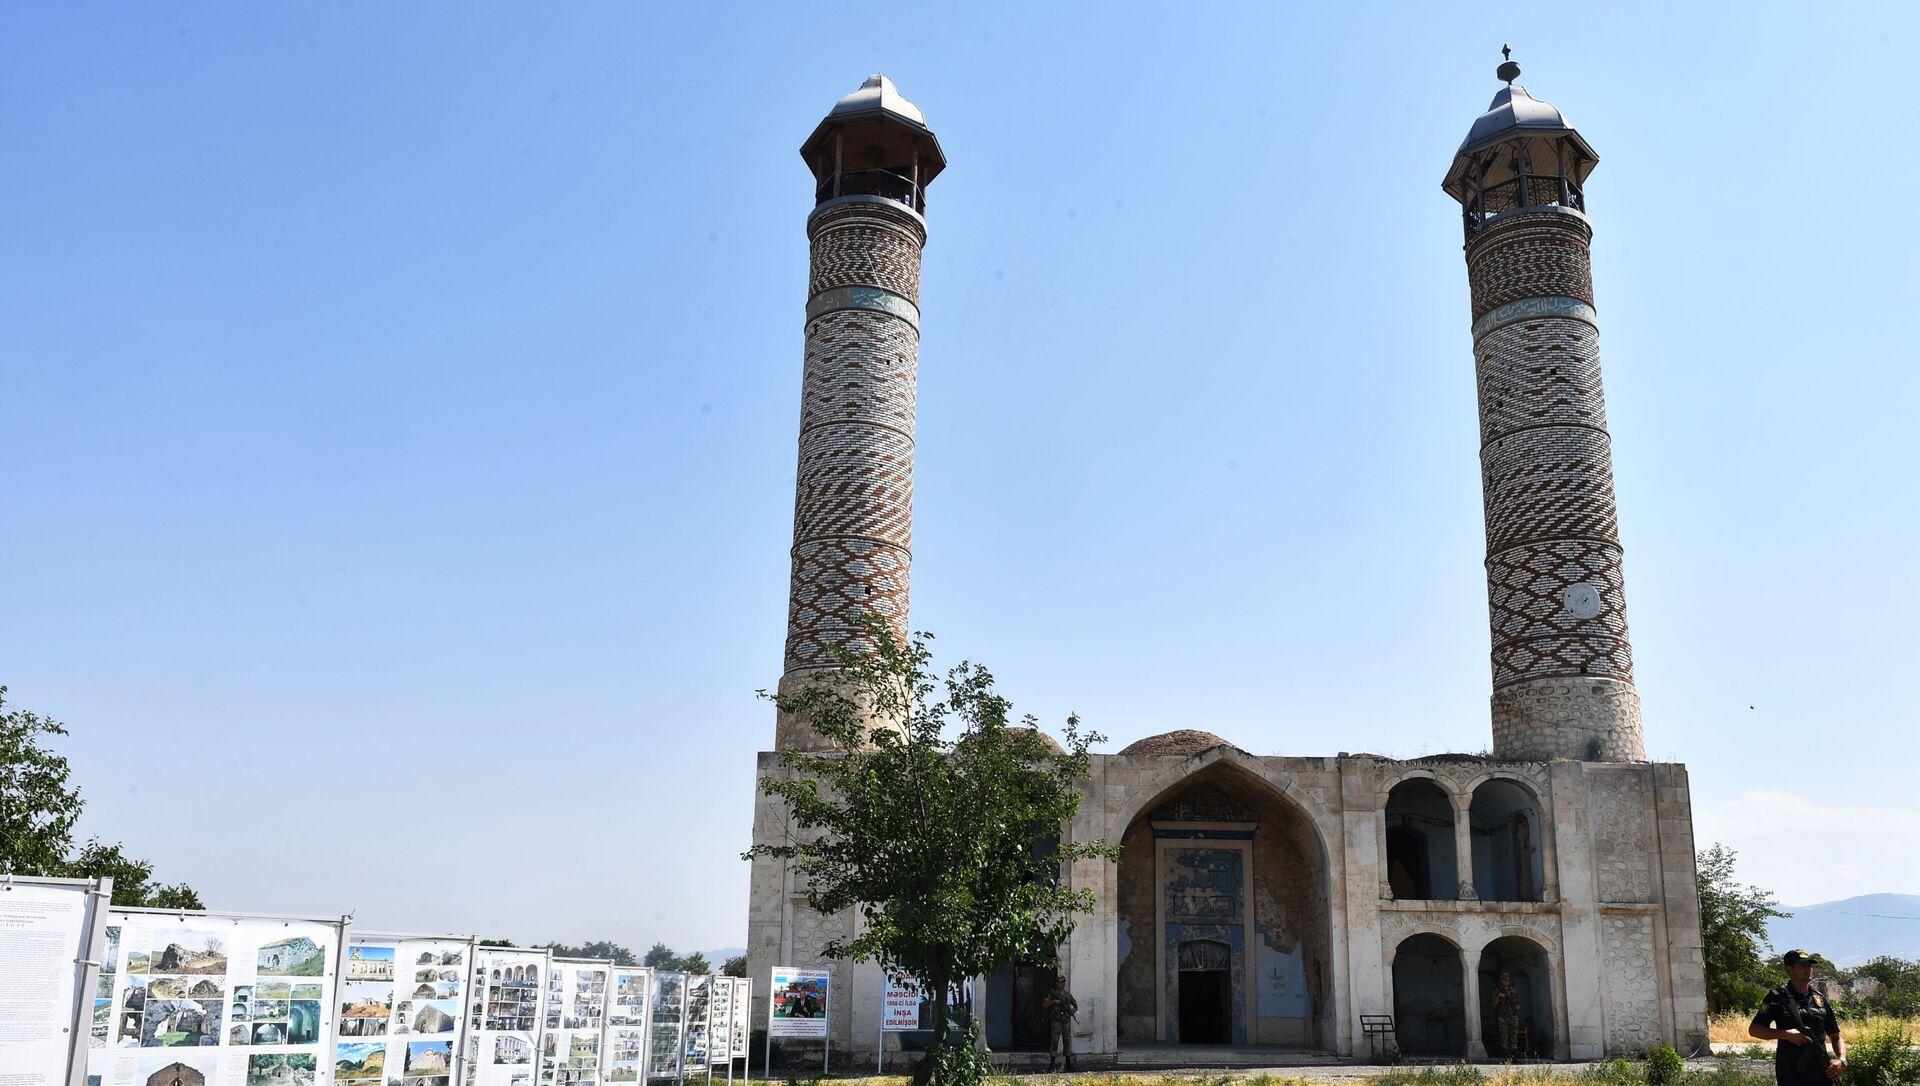 Мечеть Джума в разрушенном городе Агдам. - Sputnik Азербайджан, 1920, 14.08.2021